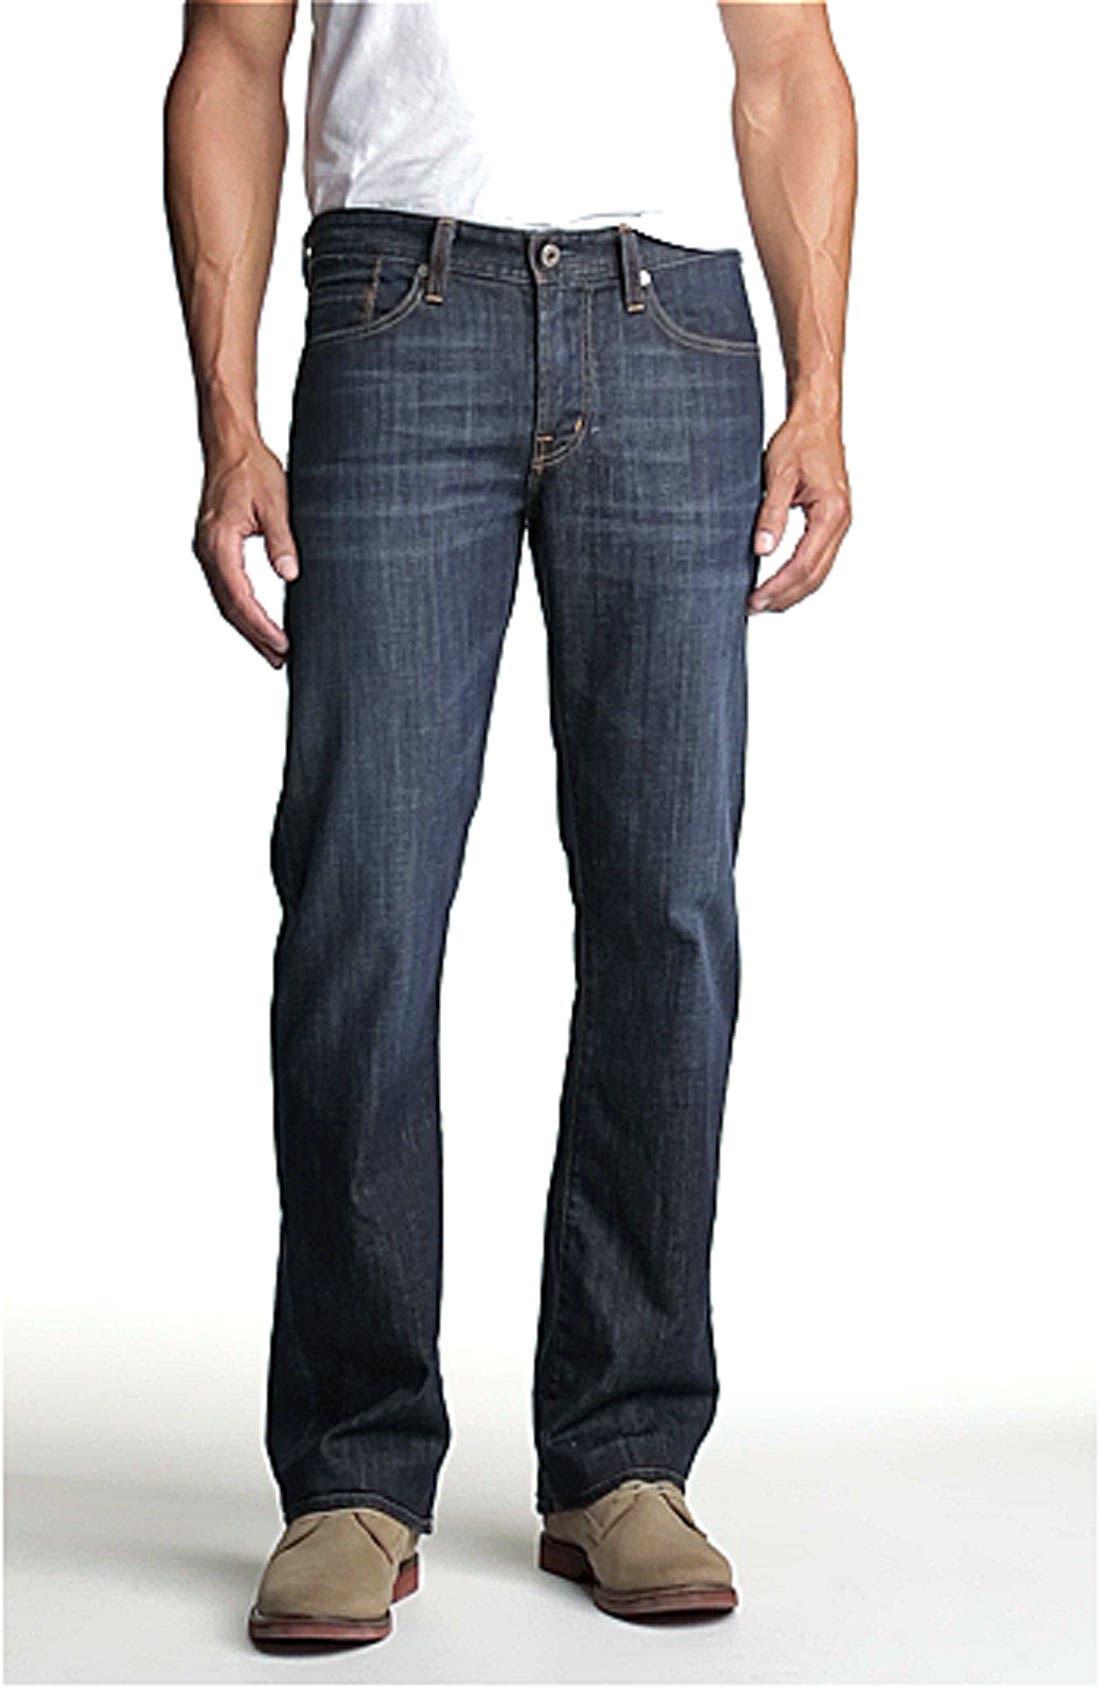 Protégé Straight Leg Jeans,                             Alternate thumbnail 3, color,                             HUNTS WASH